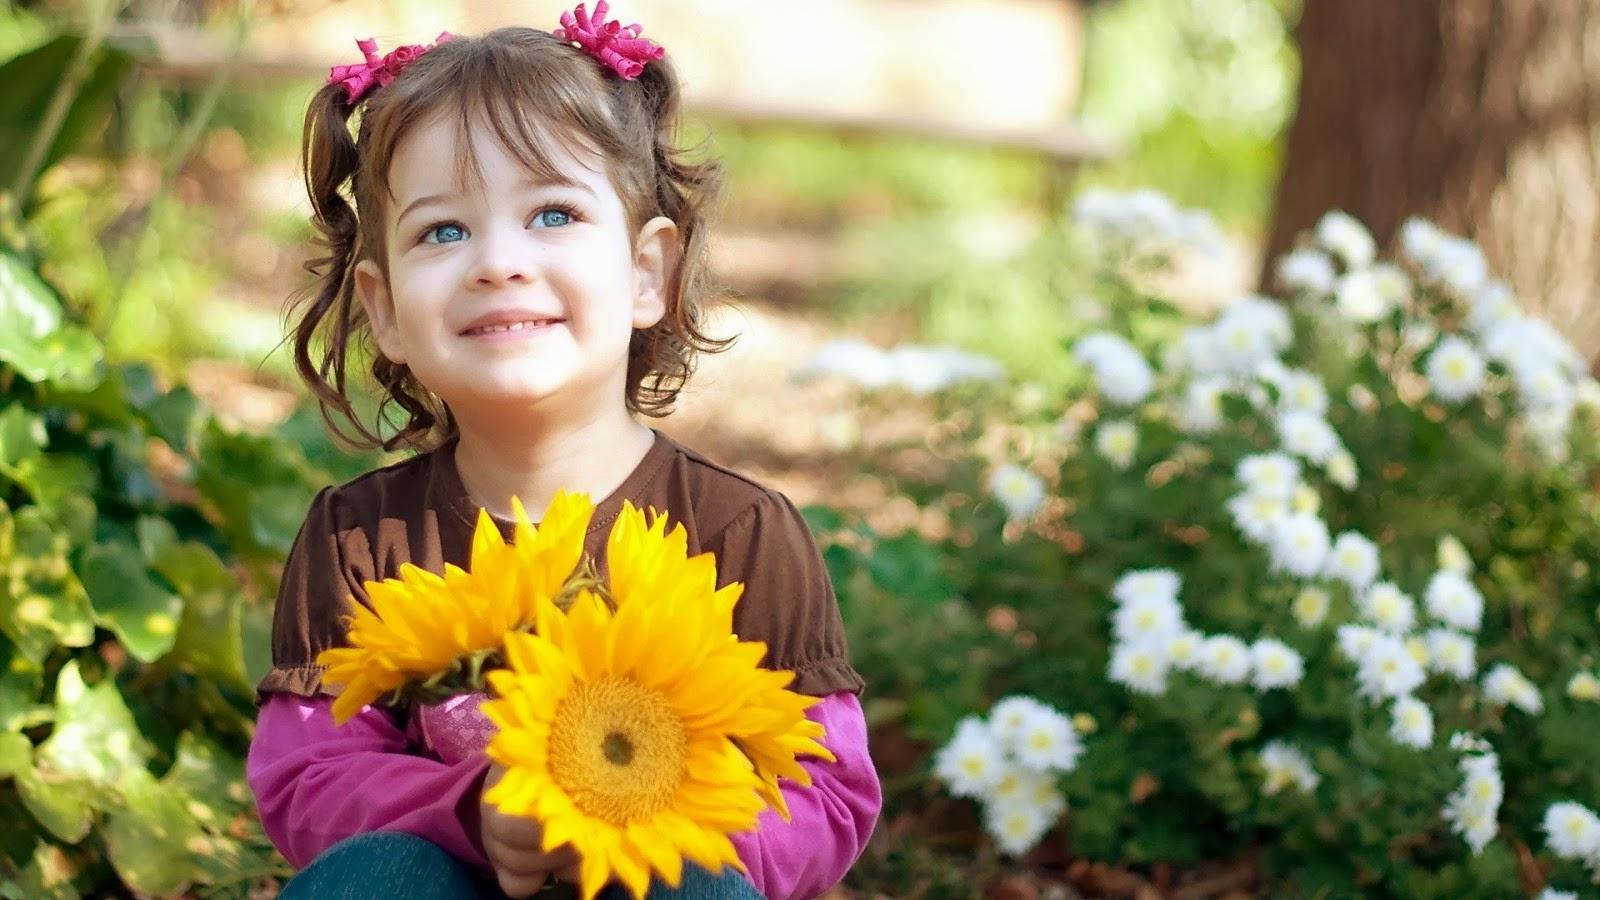 صور مع عبارات جميلة تدعو للتفاؤل وحب الحياة